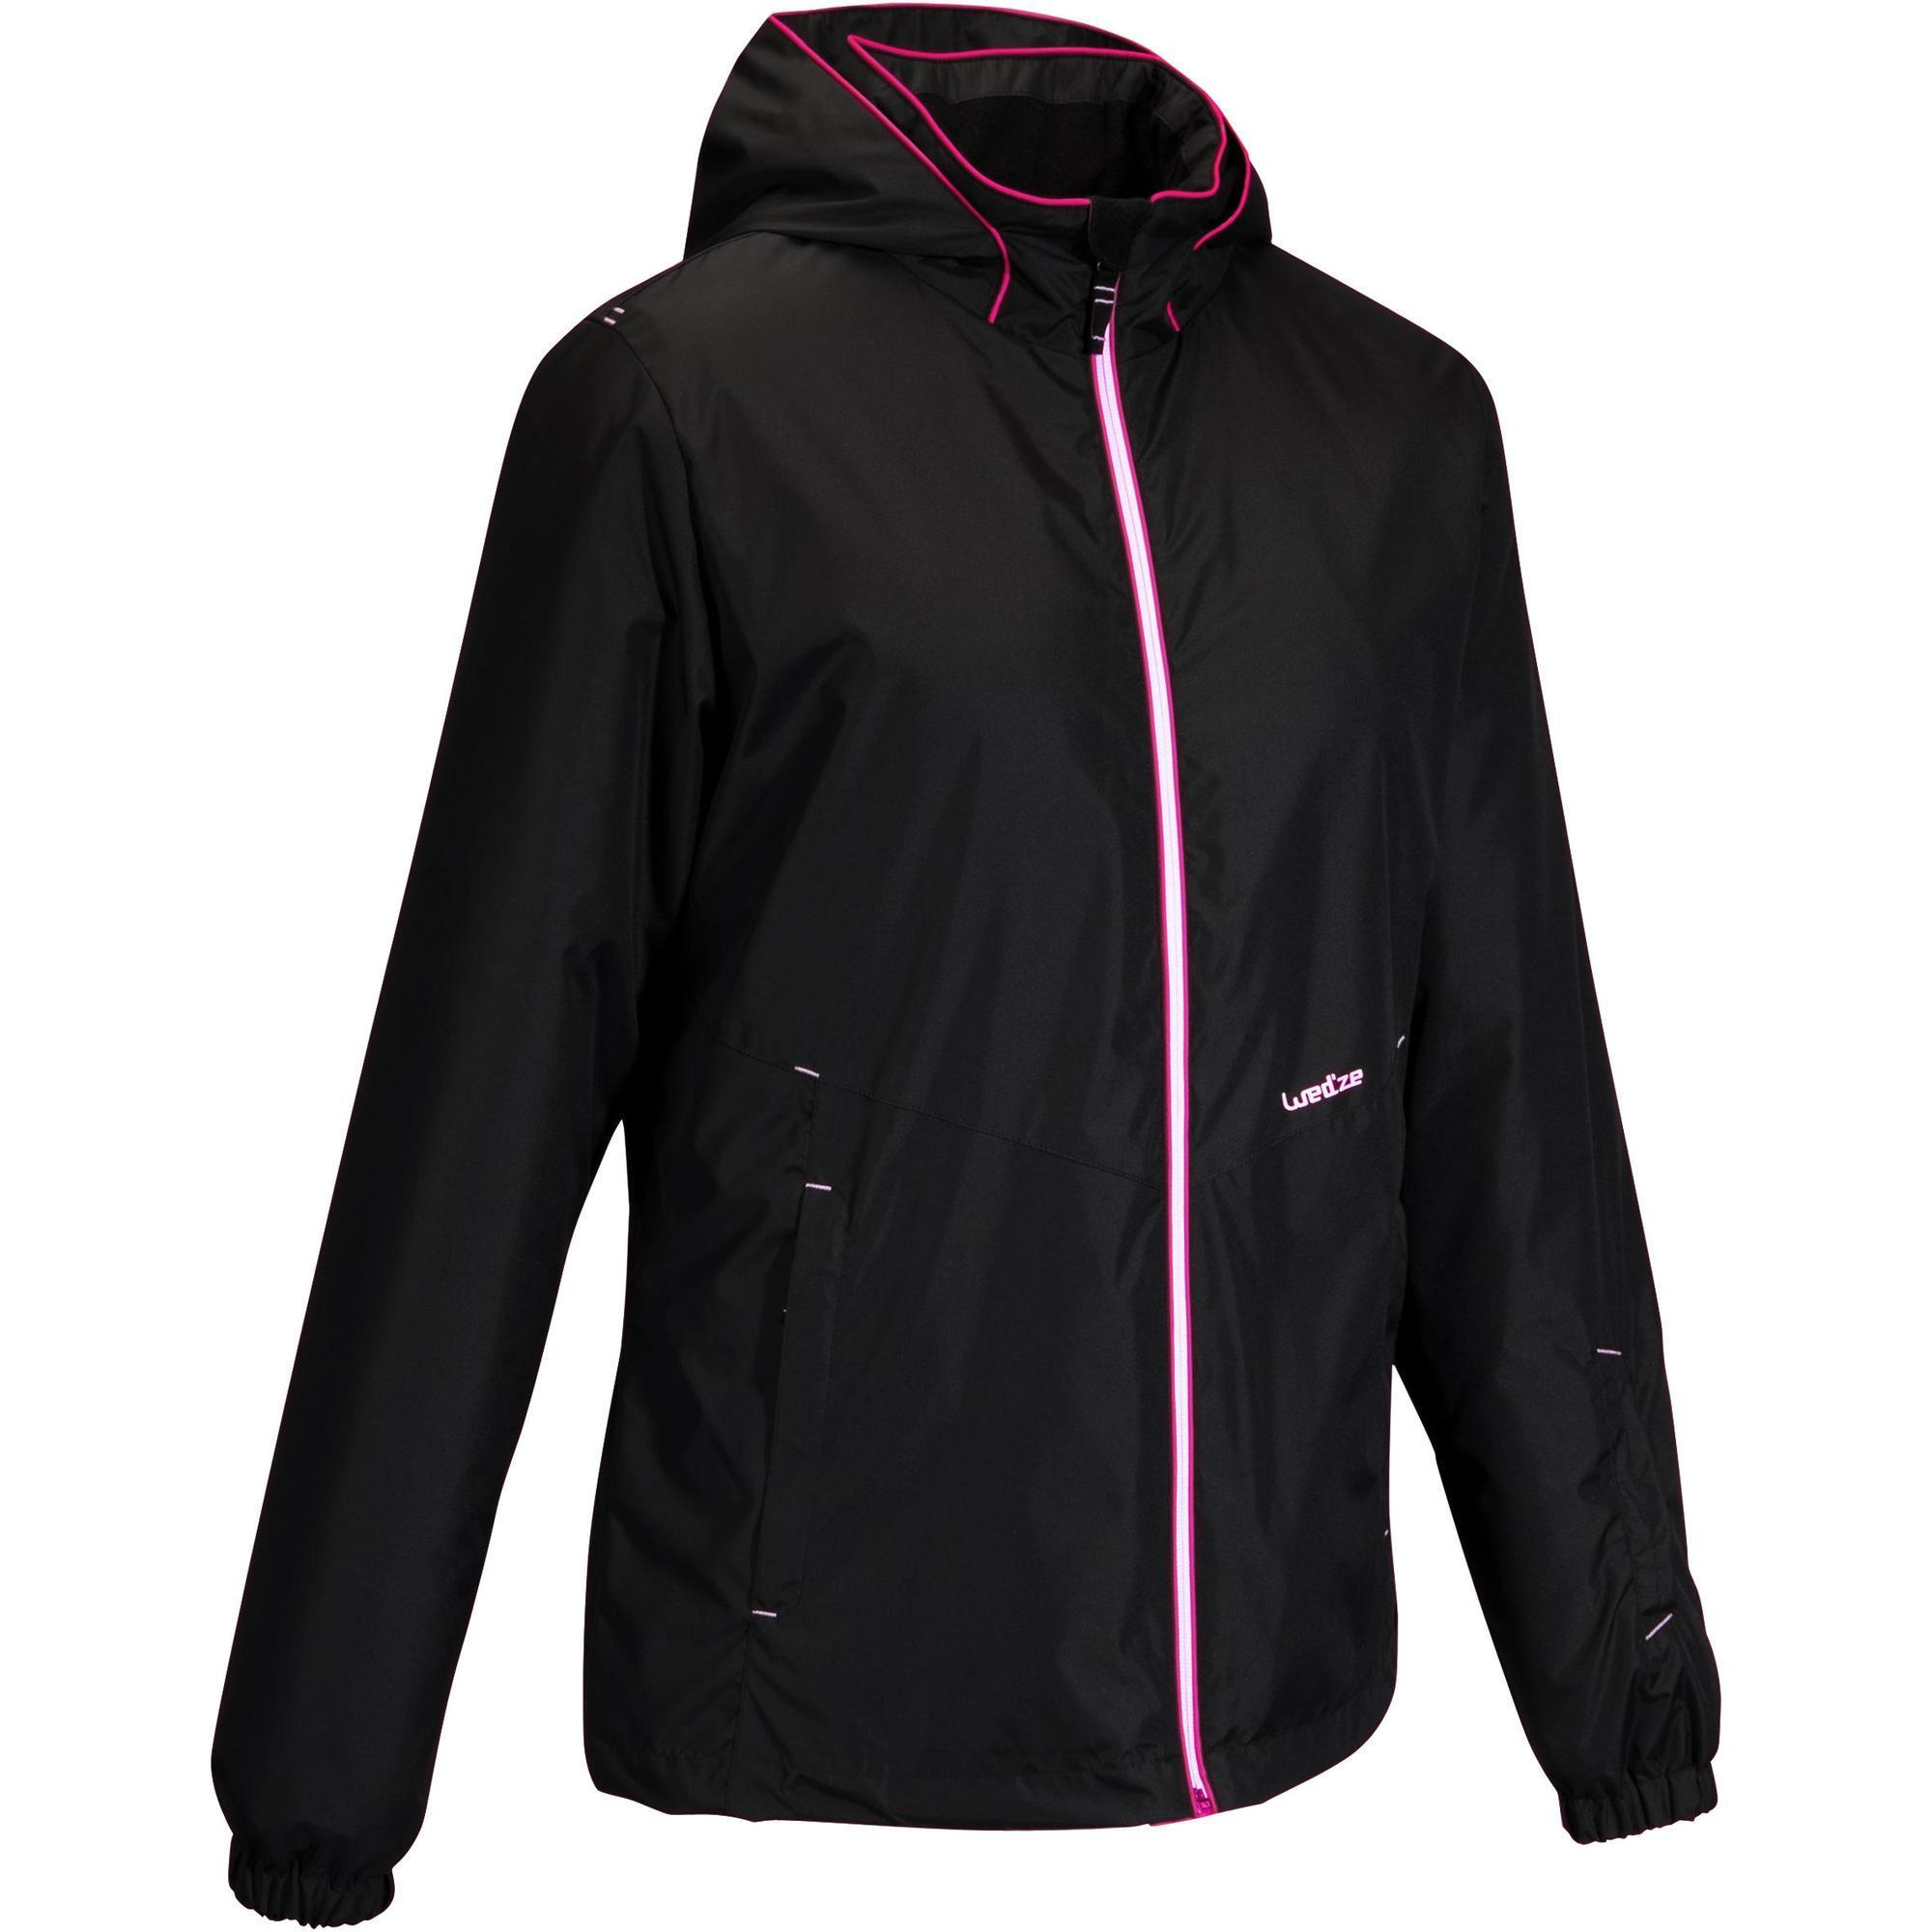 Skijacke 100 Damen schwarz | Sportbekleidung > Sportjacken > Skijacken | Wed'ze